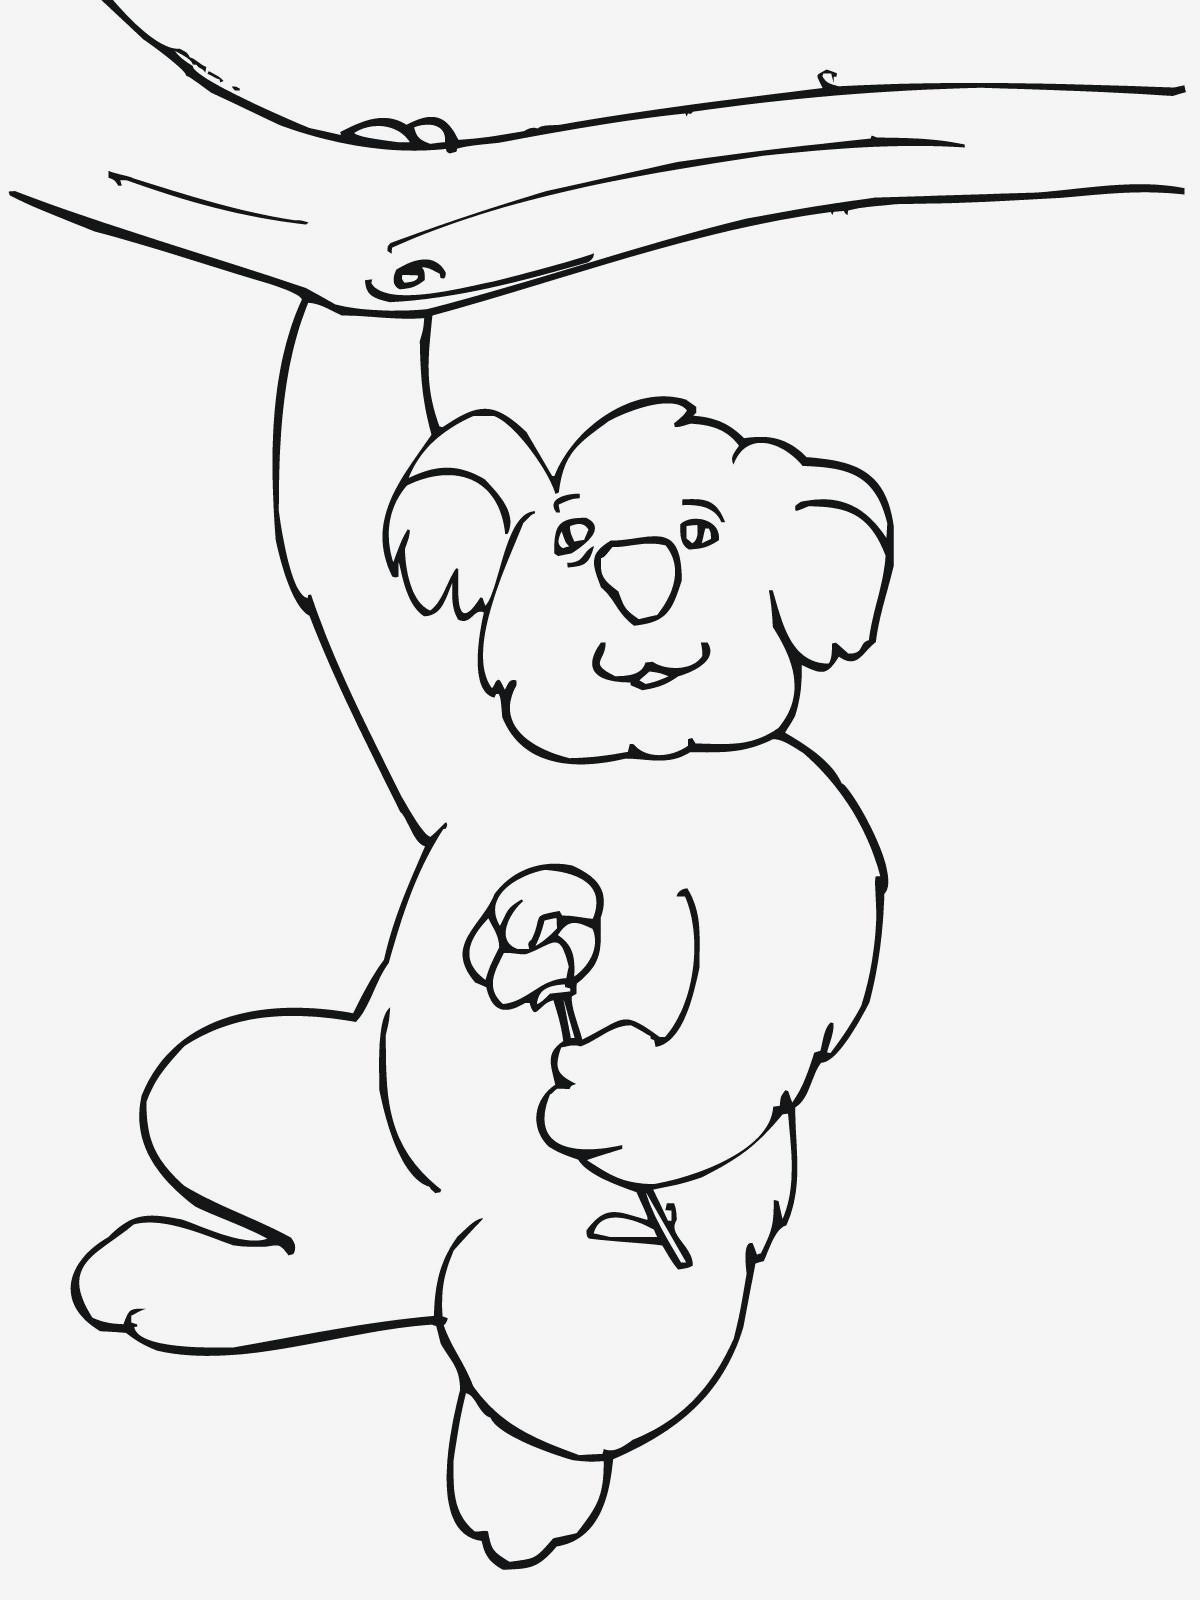 Pippi Langstrumpf Ausmalbilder Einzigartig Lernspiele Färbung Bilder Pippi Langstrumpf Ausmalbilder Stock